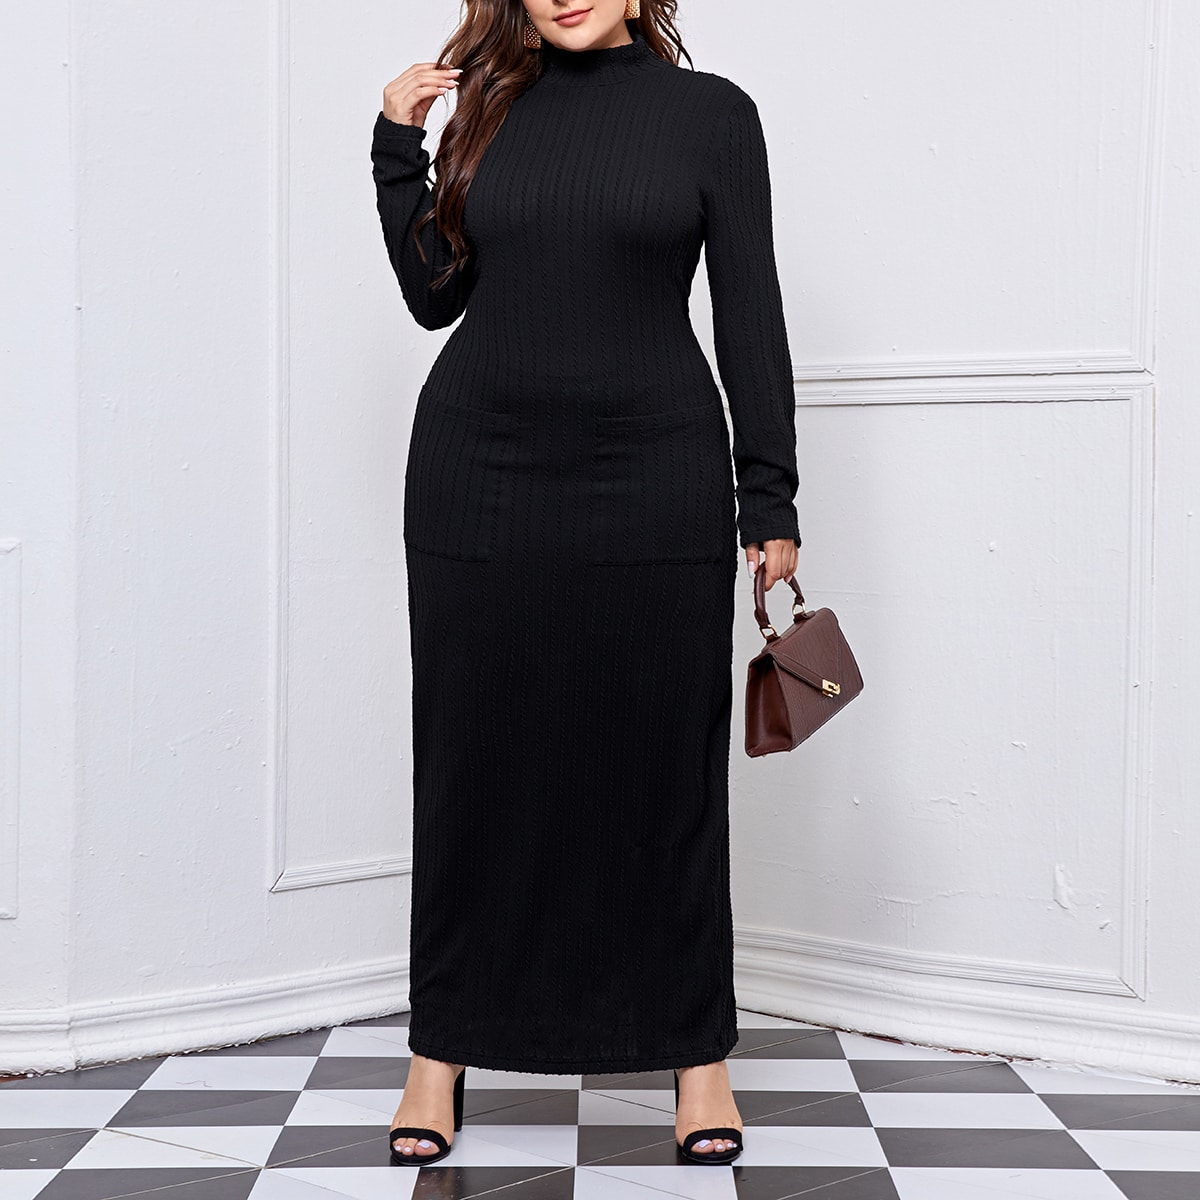 Вязаное платье размера плюс с воротником-стойкой